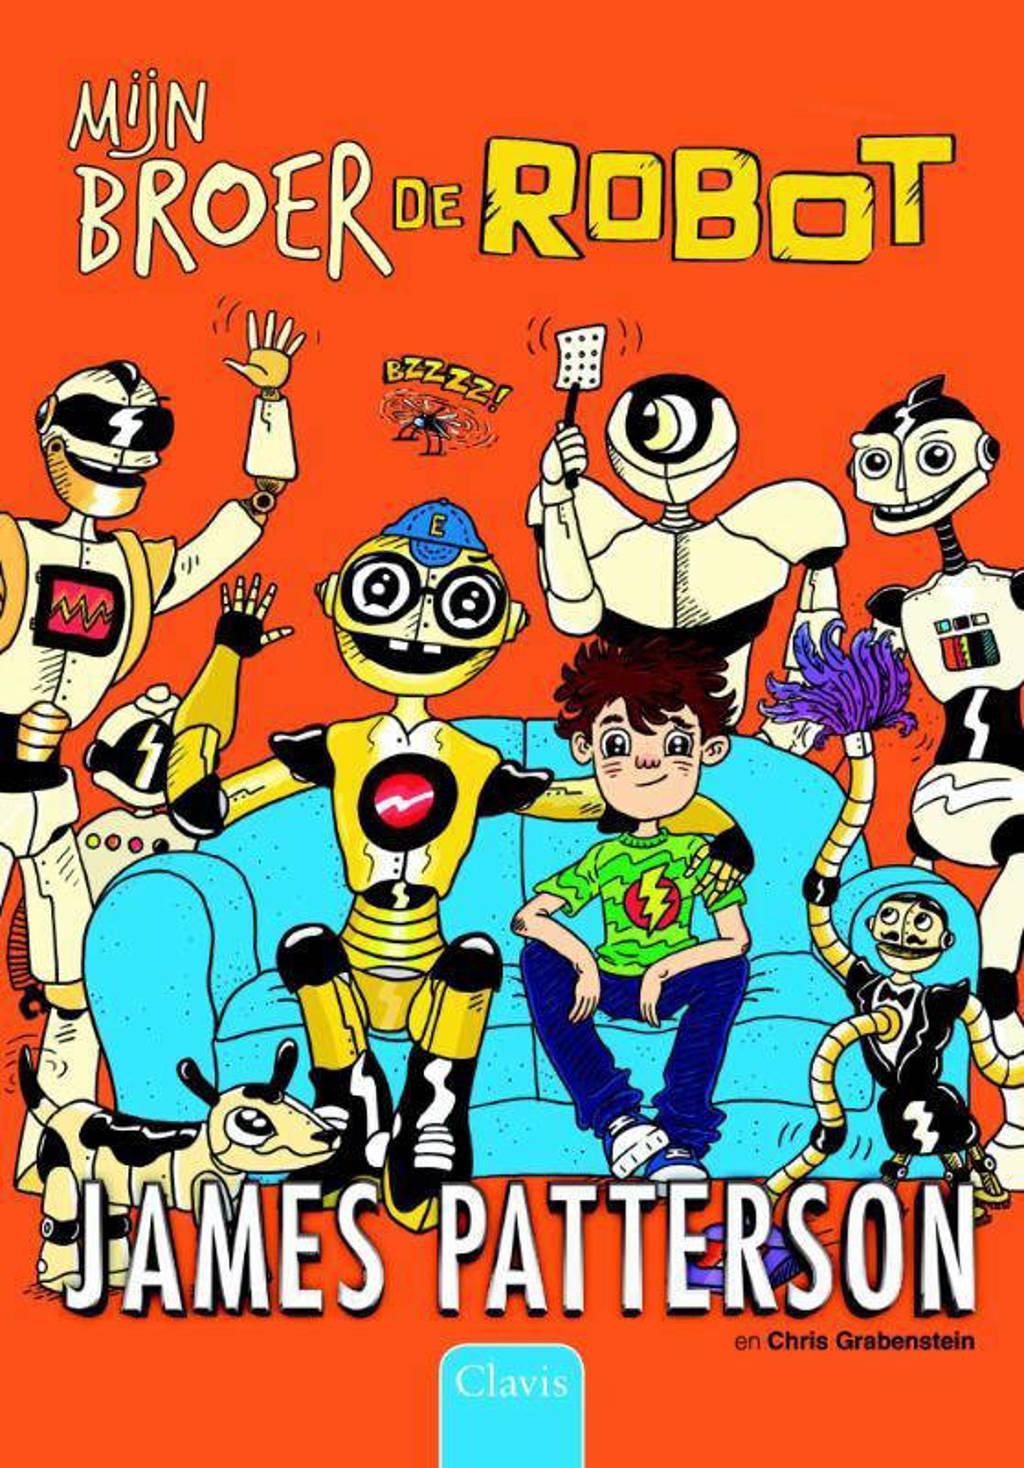 Een huis vol robots: Mijn broer de robot - James Patterson en Chris Grabenstein